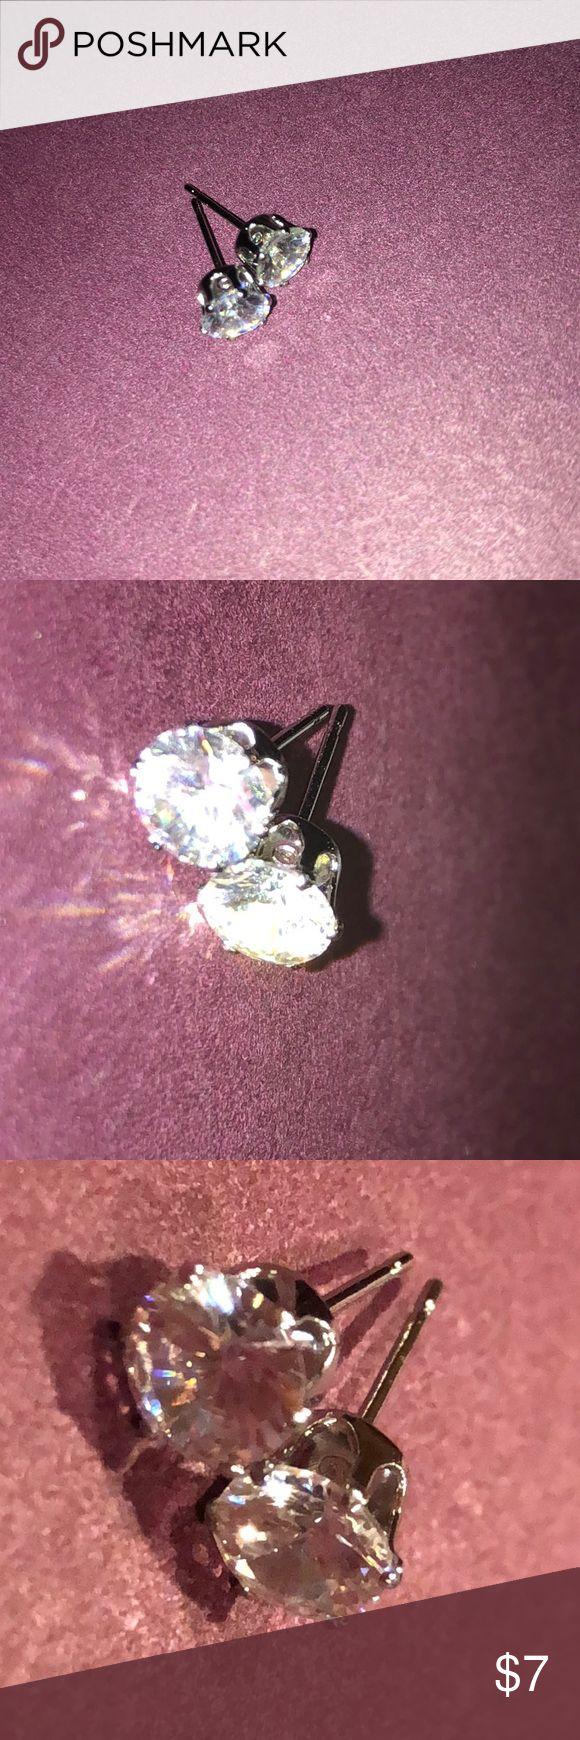 Silver diamond earrings Silver earrings only been worn once (not real diamond) Jewelry Earrings